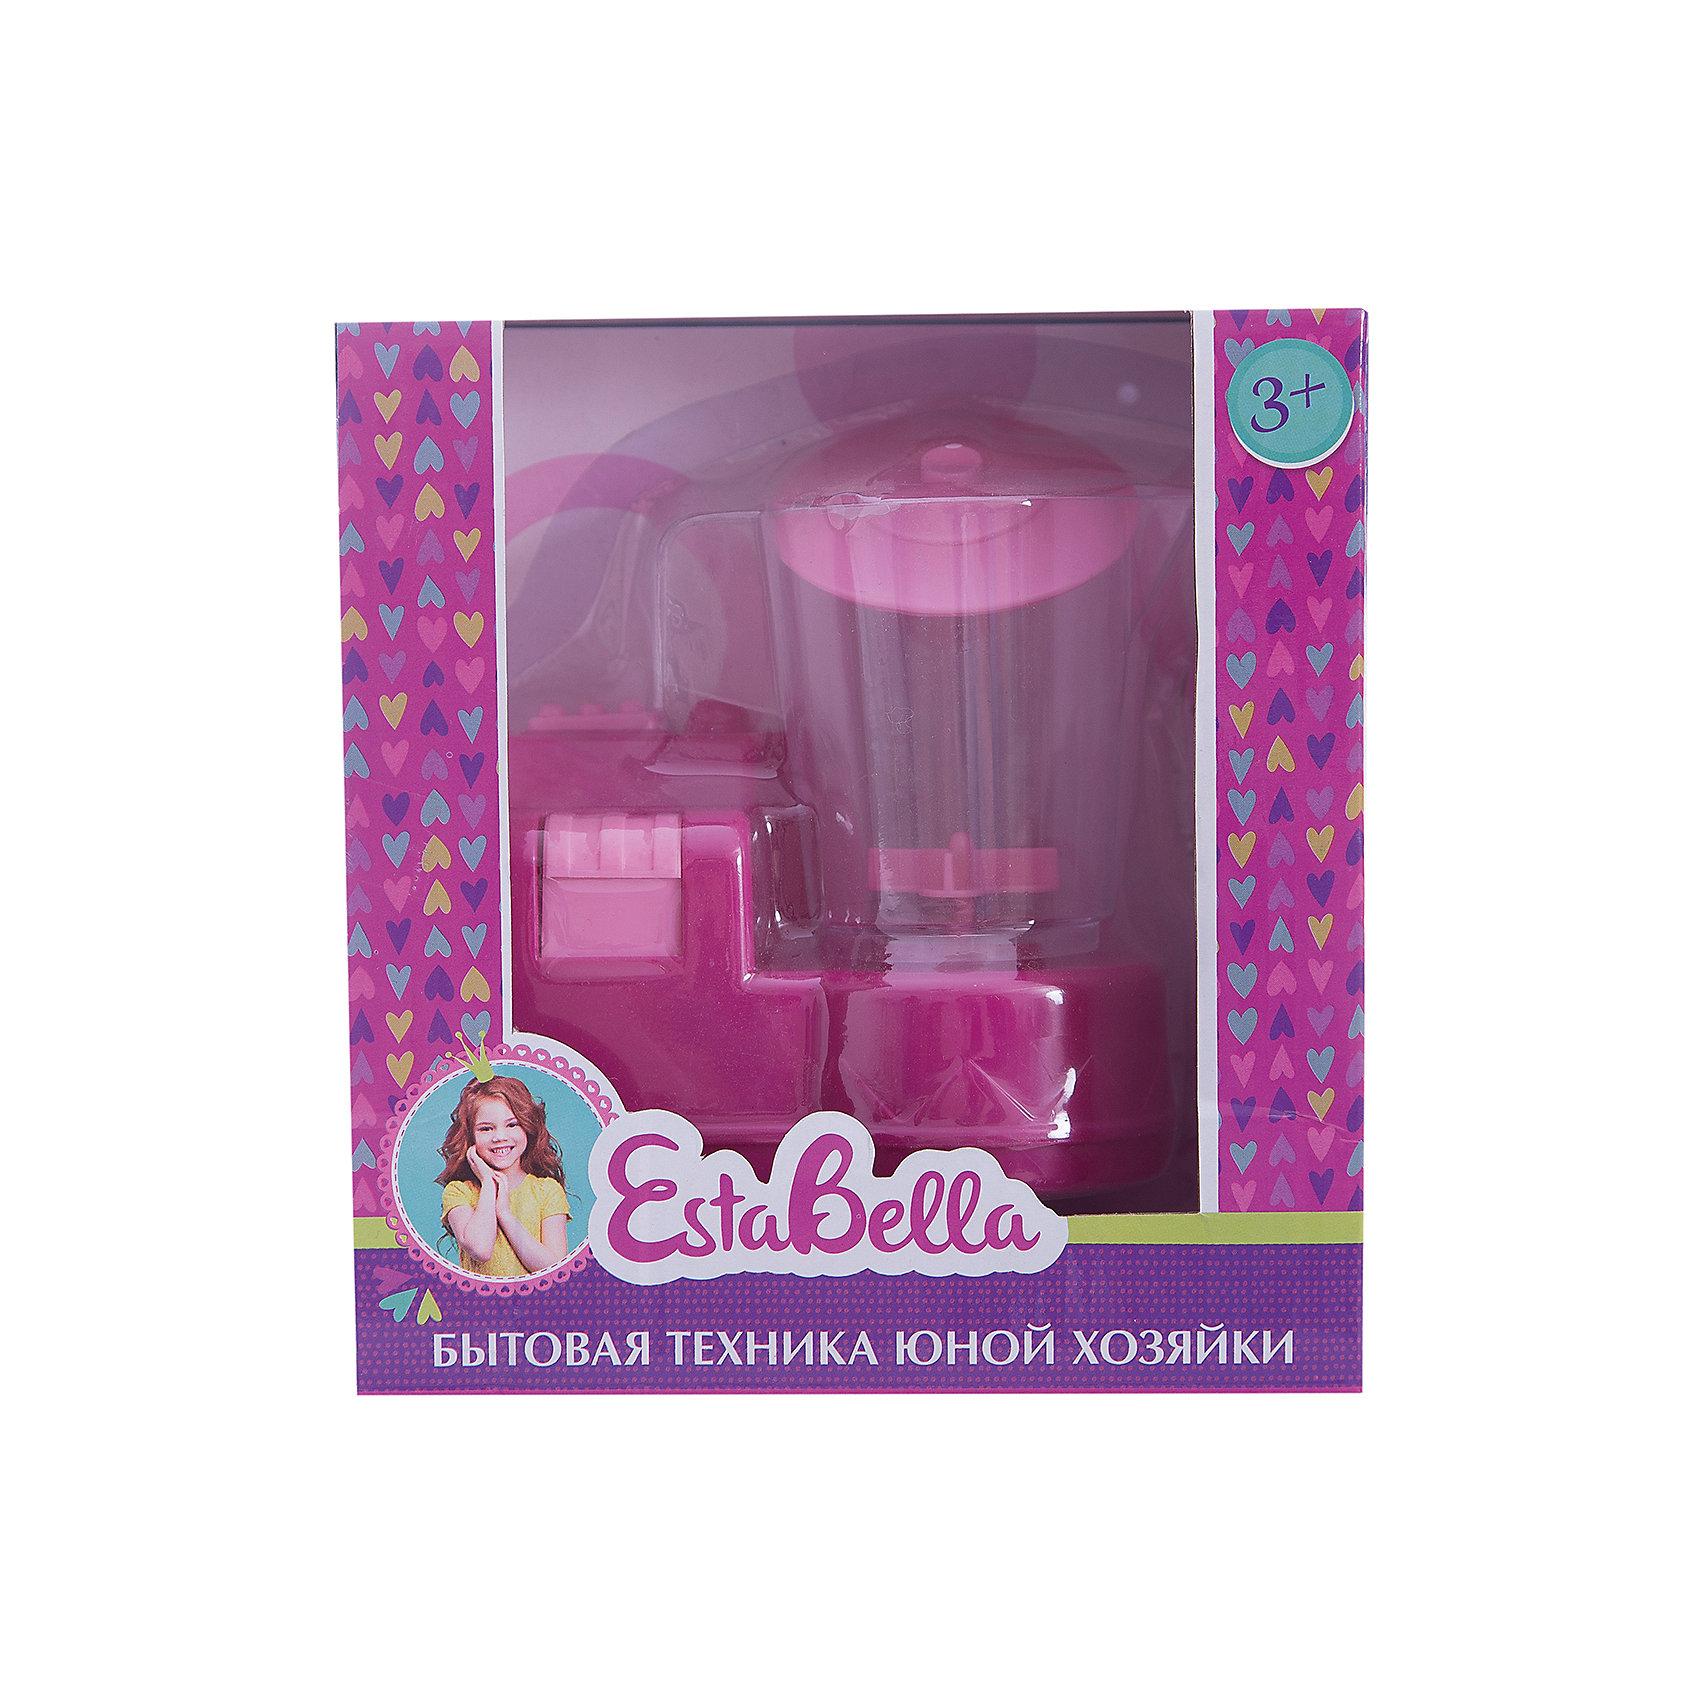 Игрушка Миксер, EstaBellaИгрушечная бытовая техника<br>Игрушка Миксер, EstaBella (Эстабелла).<br><br>Характеристики:<br><br>• полностью безопасен для ребенка<br>• материал: пластик<br>• вес: 240 грамм<br>• размер упаковки: 15х8х16 см<br><br>Блендер EstaBella прекрасно дополнит кухню маленькой хозяйки. С его помощью девочка научится пользоваться миксером и в дальнейшем с радостью поможет маме по хозяйству. Игрушка выполнена из безопасных материалов. Блендер EstaBella создан специально для маленьких помощниц!<br><br>Игрушку Миксер, EstaBella (Эстабелла) вы можете купить в нашем интернет-магазине.<br><br>Ширина мм: 160<br>Глубина мм: 80<br>Высота мм: 150<br>Вес г: 240<br>Возраст от месяцев: 36<br>Возраст до месяцев: 120<br>Пол: Женский<br>Возраст: Детский<br>SKU: 5017651